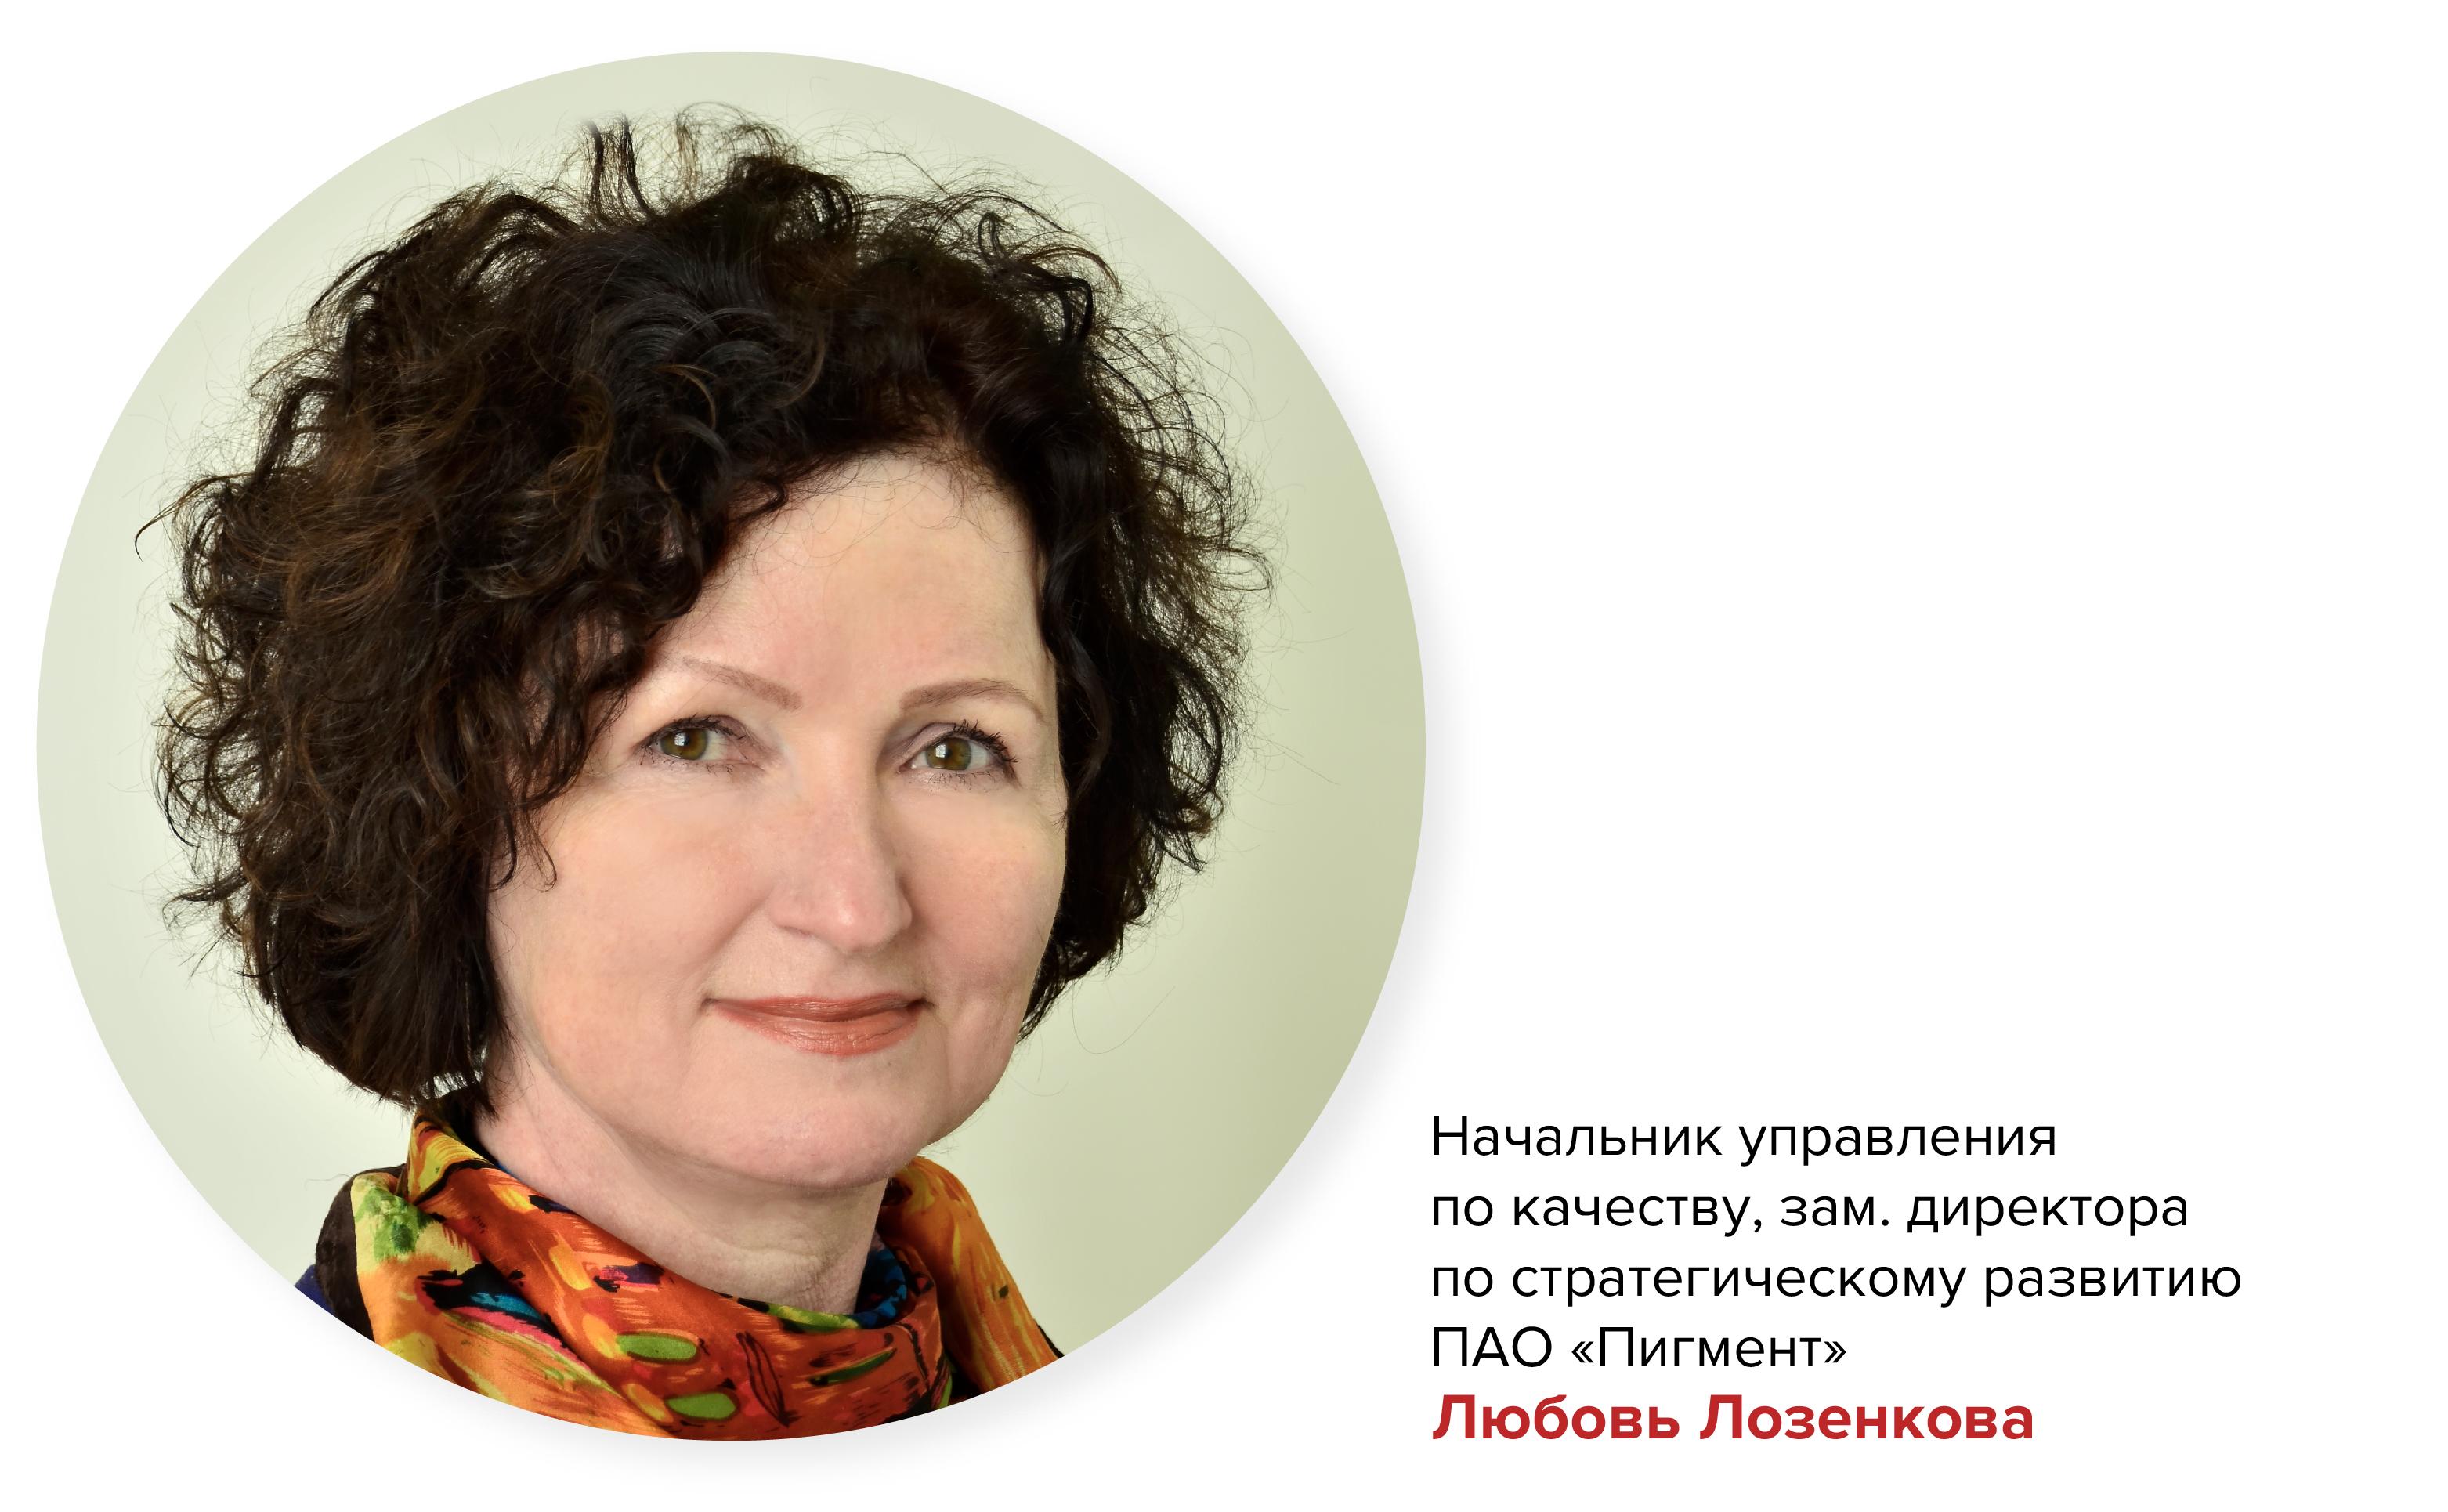 Лозенкова